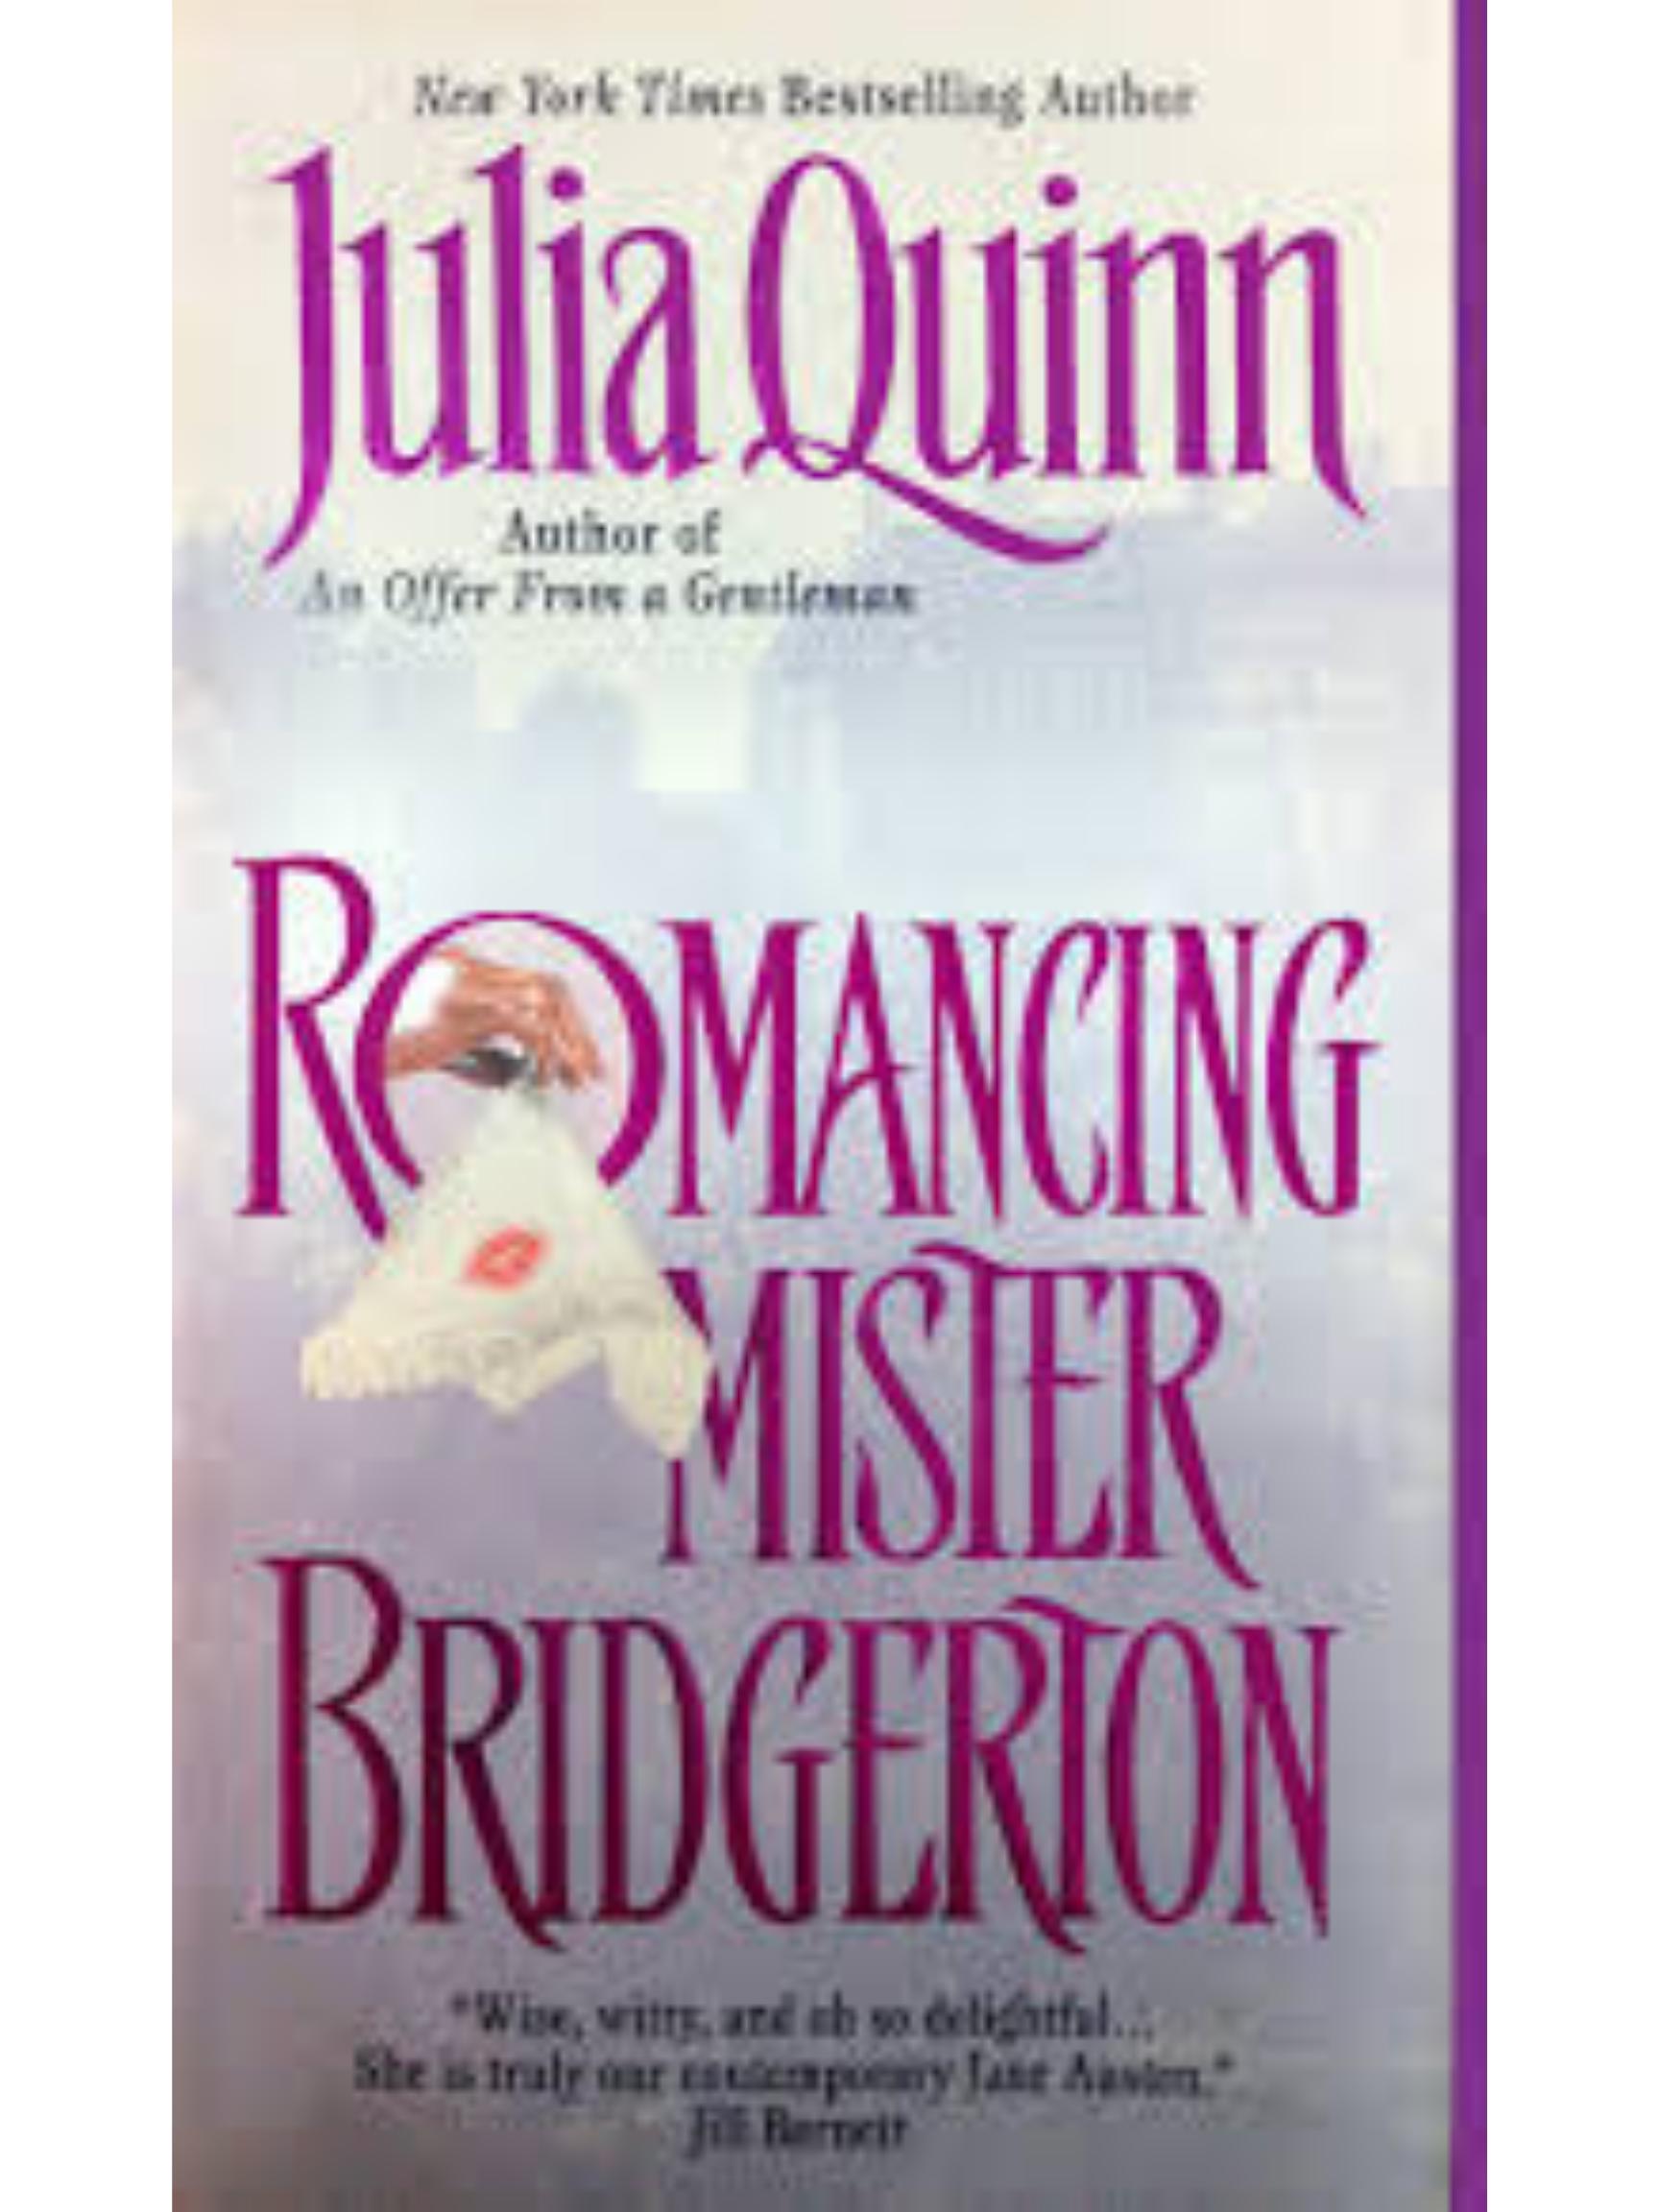 Bridgerton Books By Julia Quinn In 2021 Shonda Rhymes Julia Quinn Books